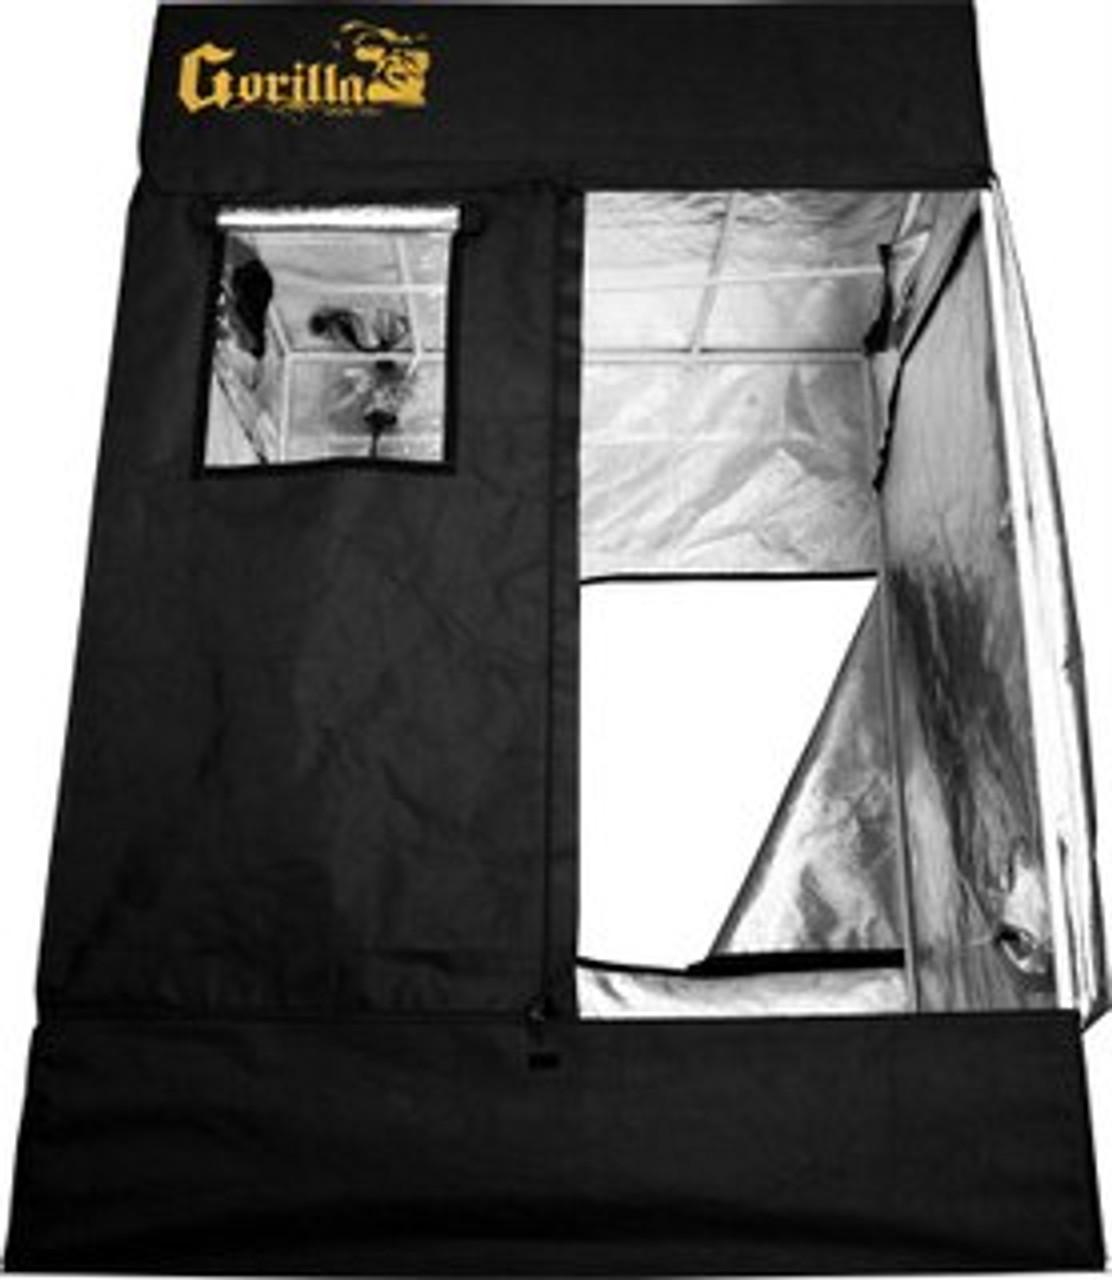 Gorrila 4x4 Tent Combo starter kit - Solar System 550 LED